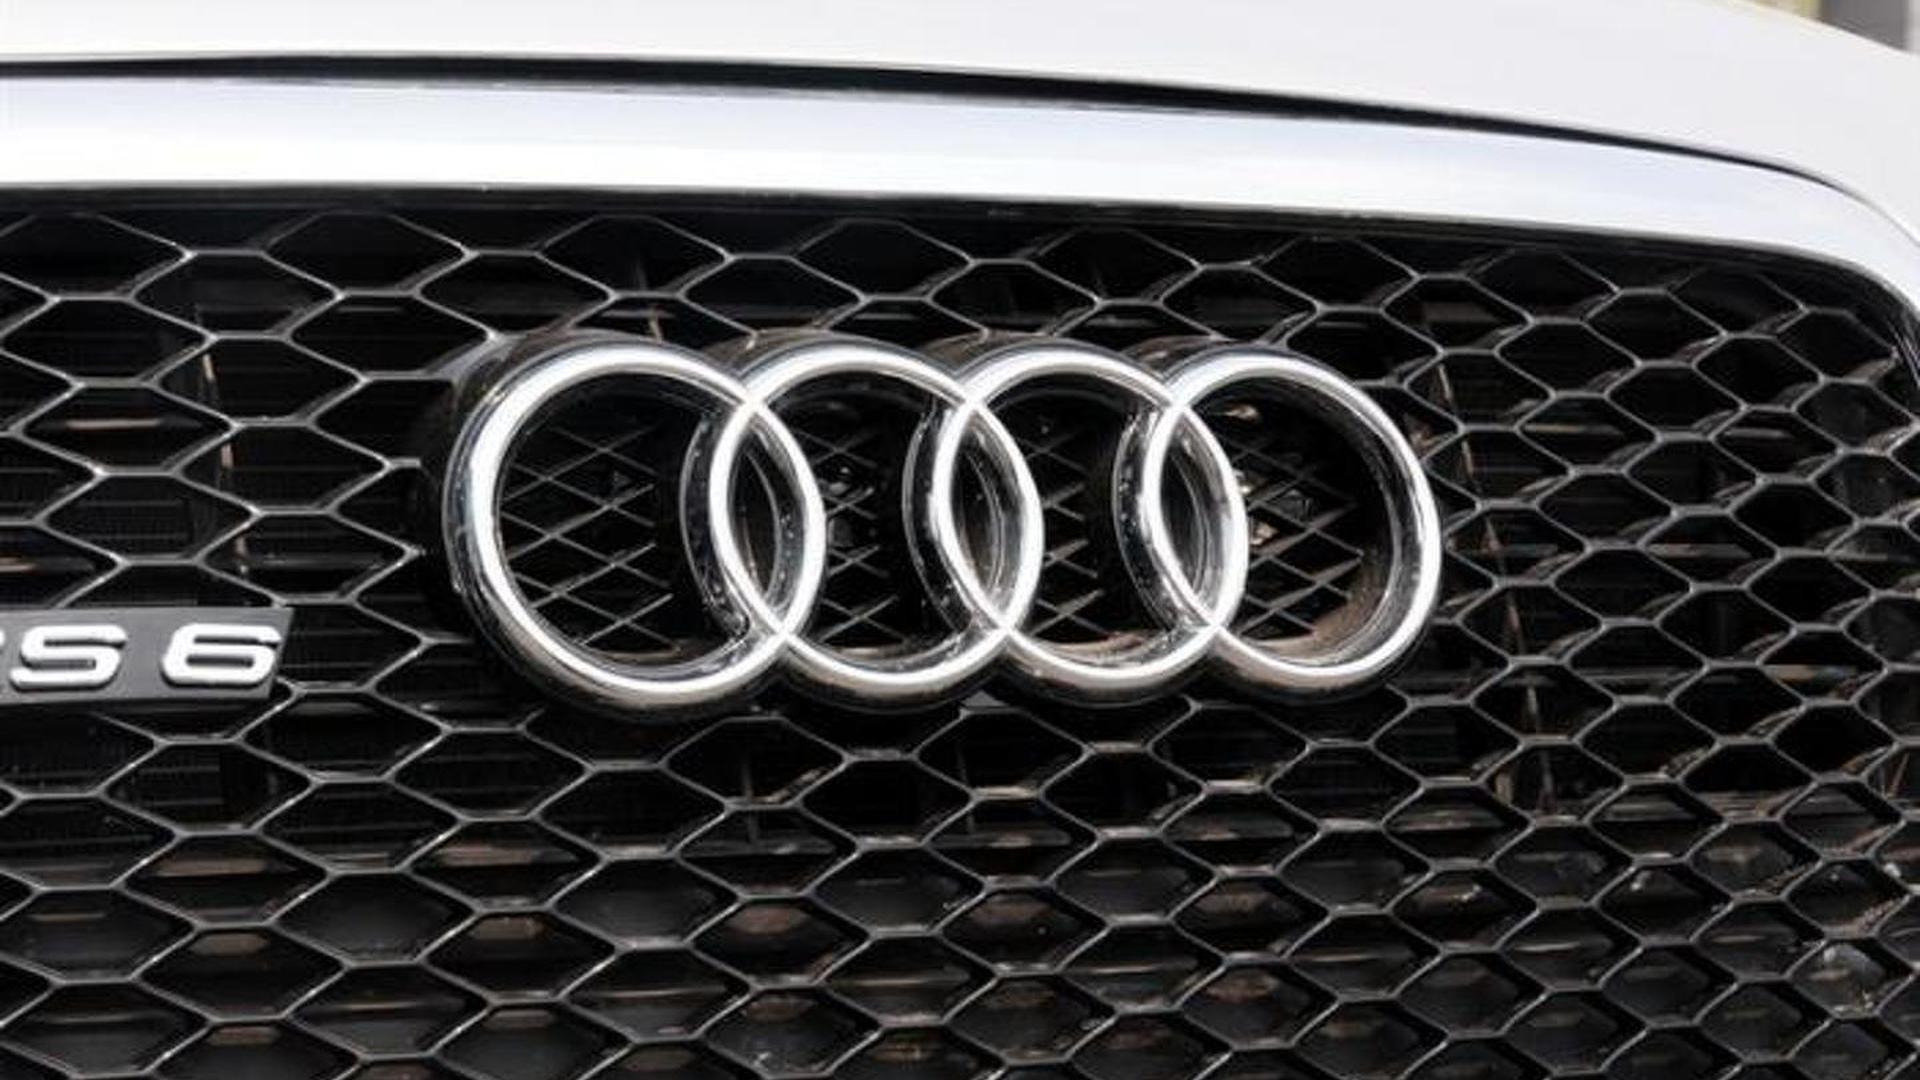 Кольца Audi на радиаторной решетке